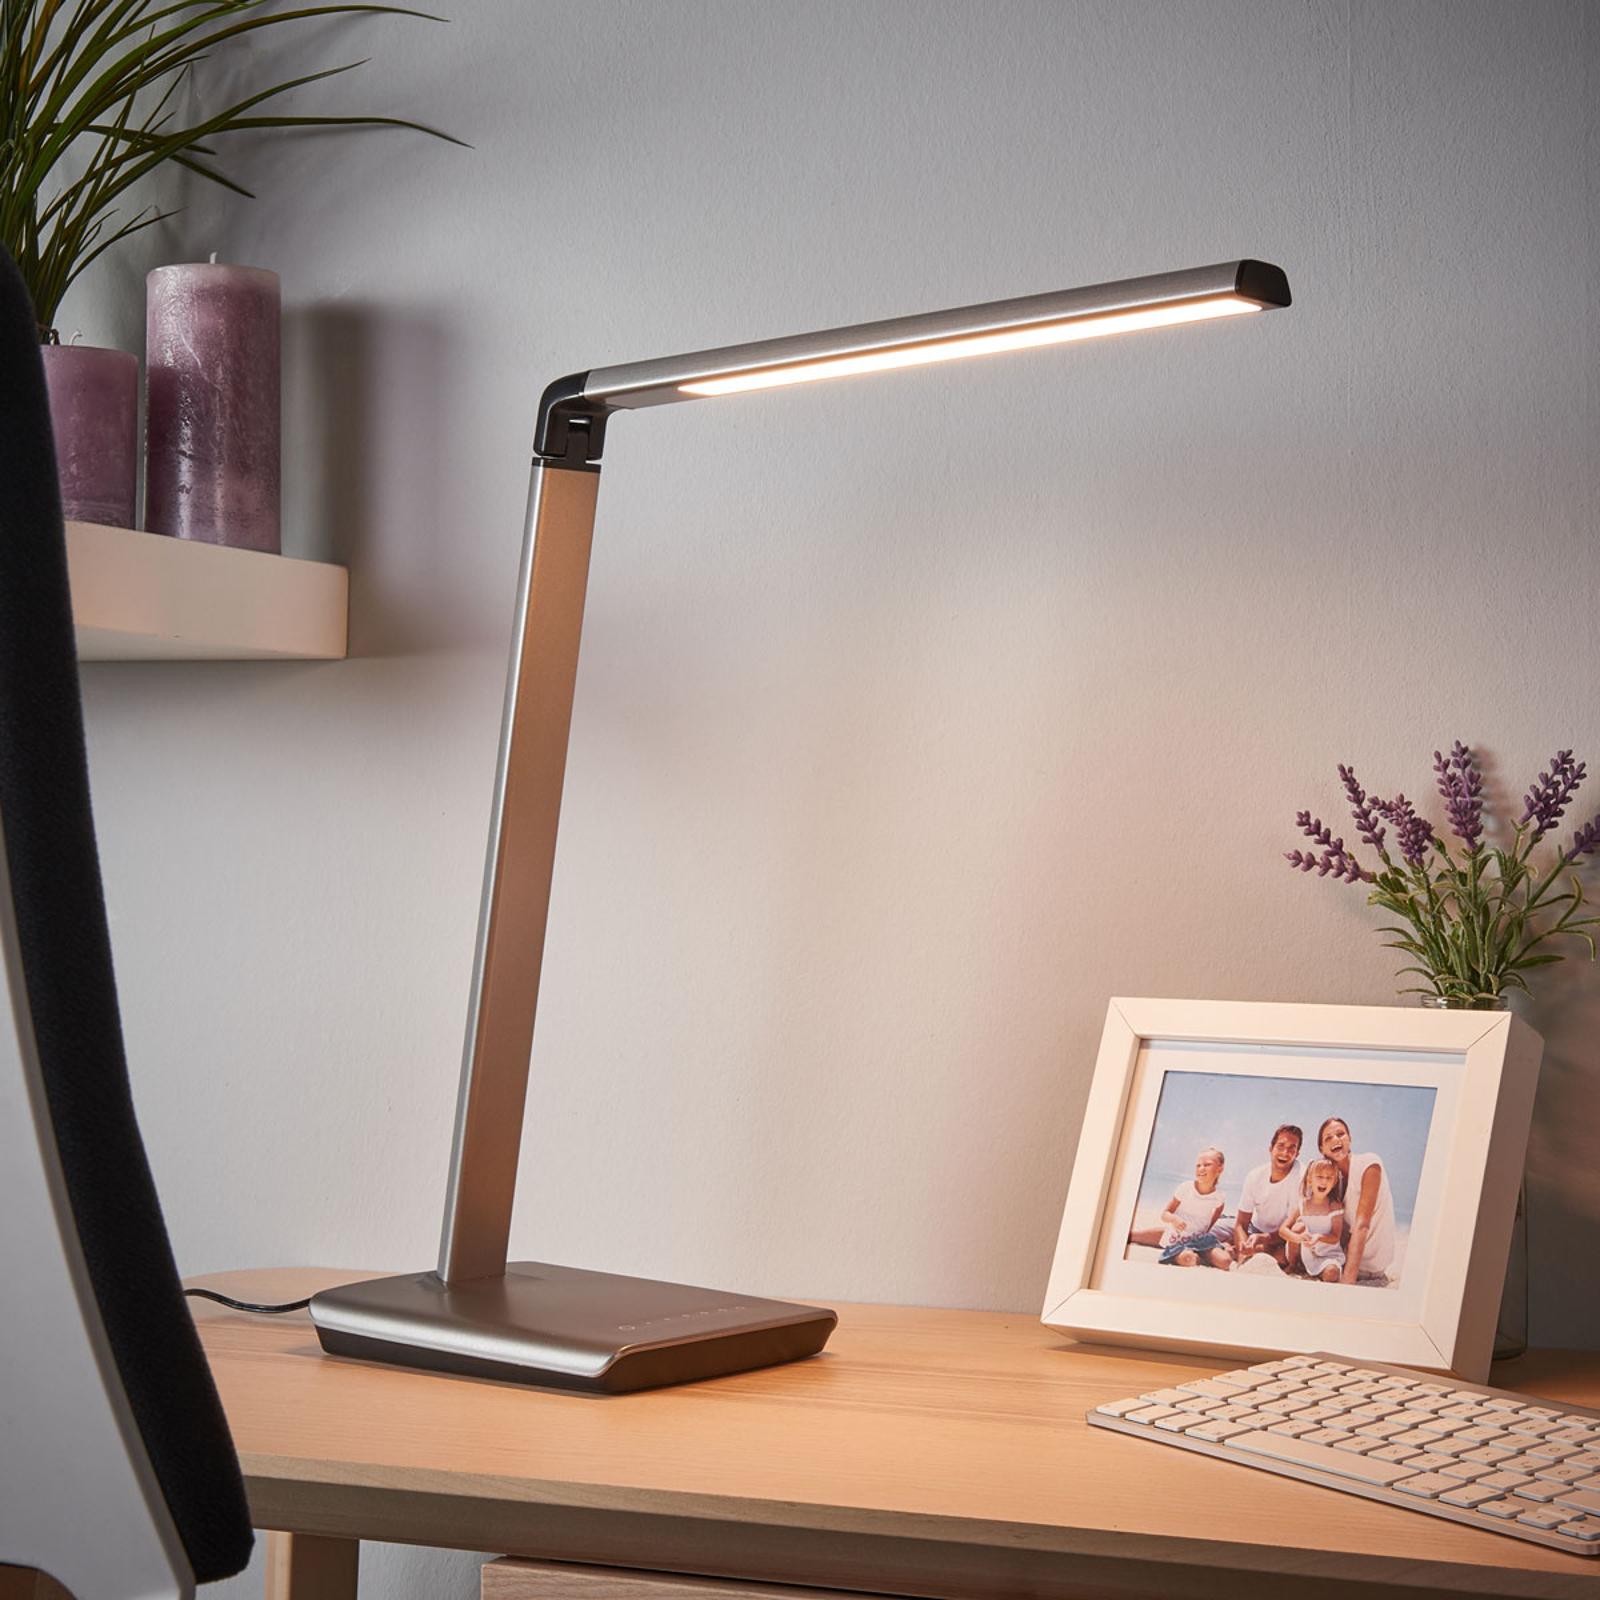 Lindby skrivbordslampor Kuno, Ellisen & Maily med USB